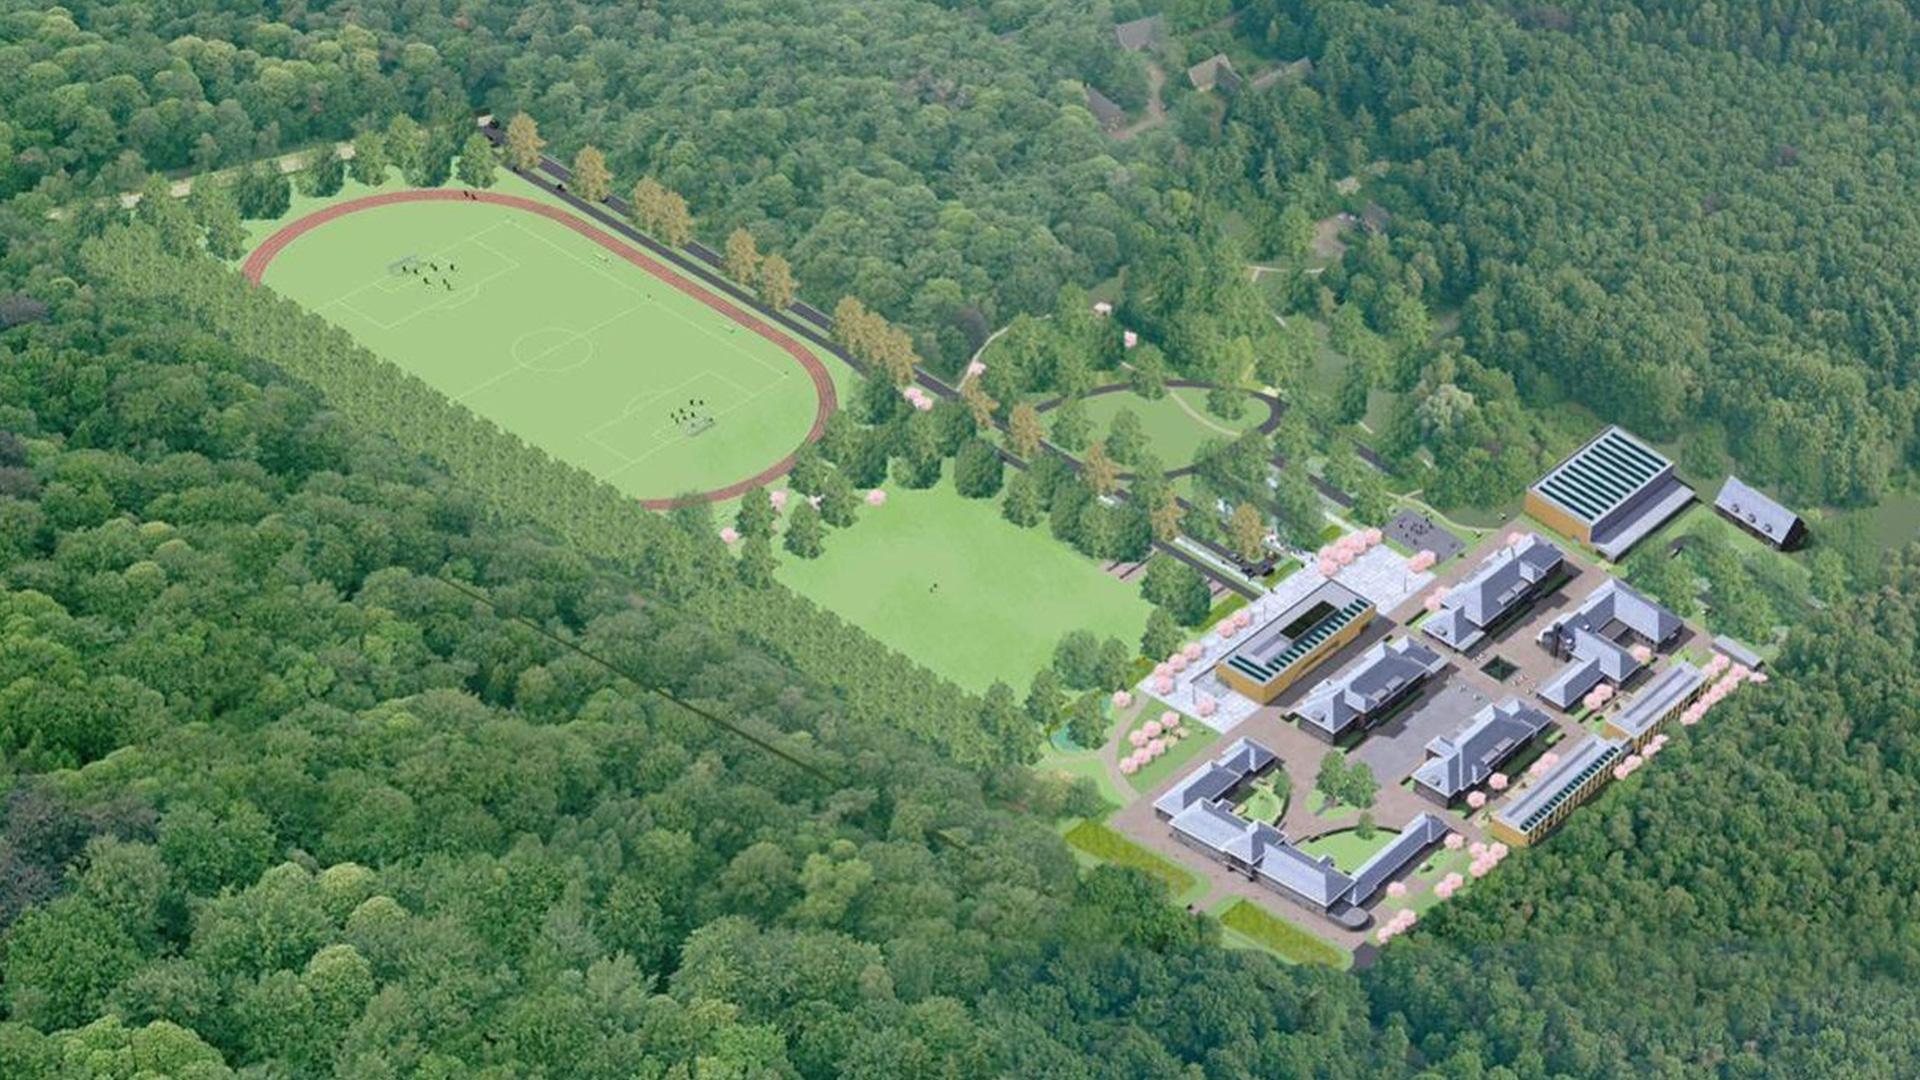 Foto: Campus Internationale School Eindhoven - Arom